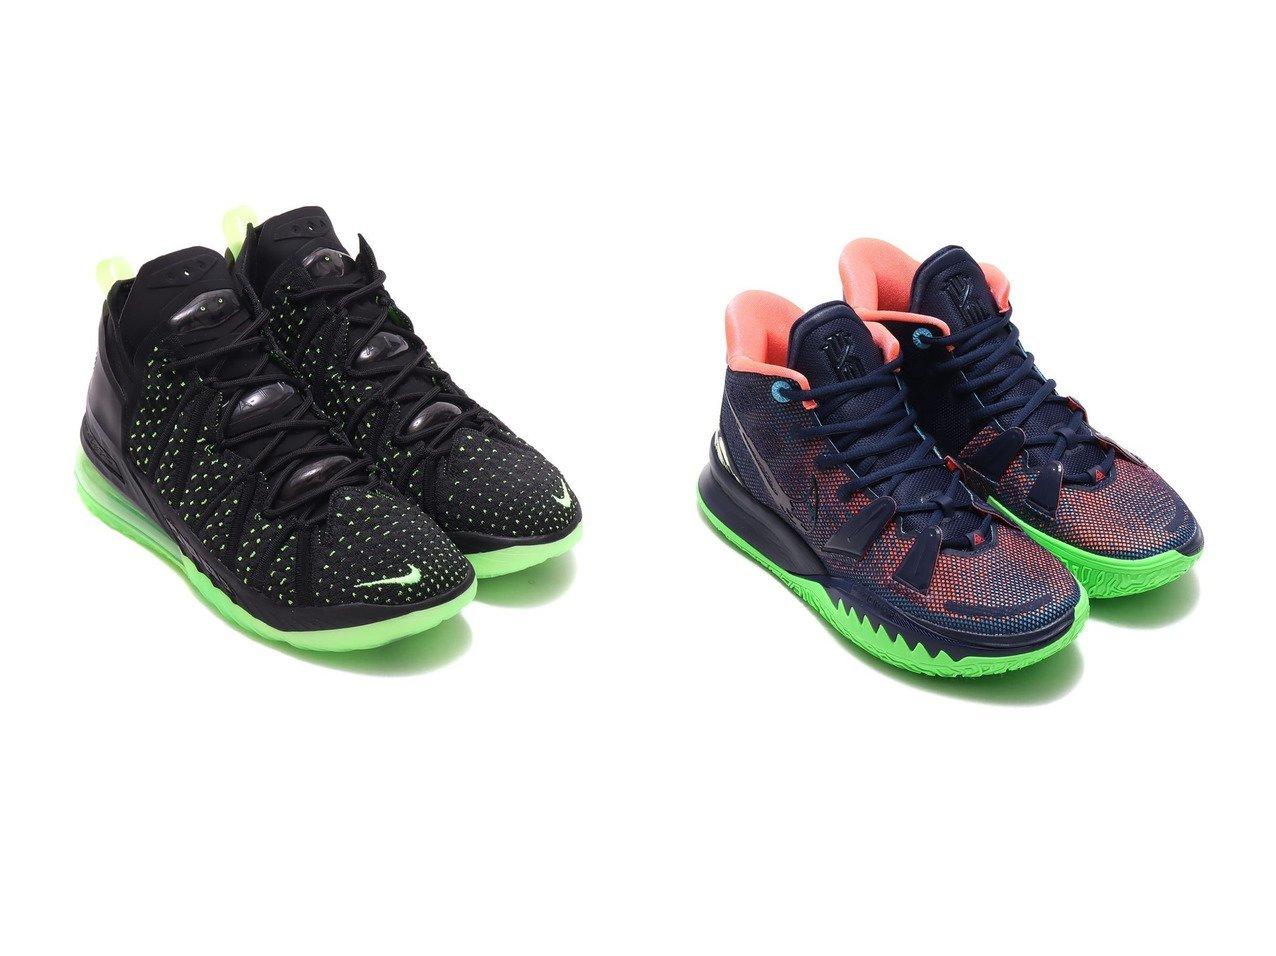 【NIKE/ナイキ】のLEBRON XVIII&KYRIE 7 EP シューズ・靴のおすすめ!人気、トレンド・レディースファッションの通販 おすすめで人気の流行・トレンド、ファッションの通販商品 メンズファッション・キッズファッション・インテリア・家具・レディースファッション・服の通販 founy(ファニー) https://founy.com/ ファッション Fashion レディースファッション WOMEN シューズ フィット A/W 秋冬 AW Autumn/Winter / FW Fall-Winter 2020年 2020 2020-2021 秋冬 A/W AW Autumn/Winter / FW Fall-Winter 2020-2021 |ID:crp329100000023361